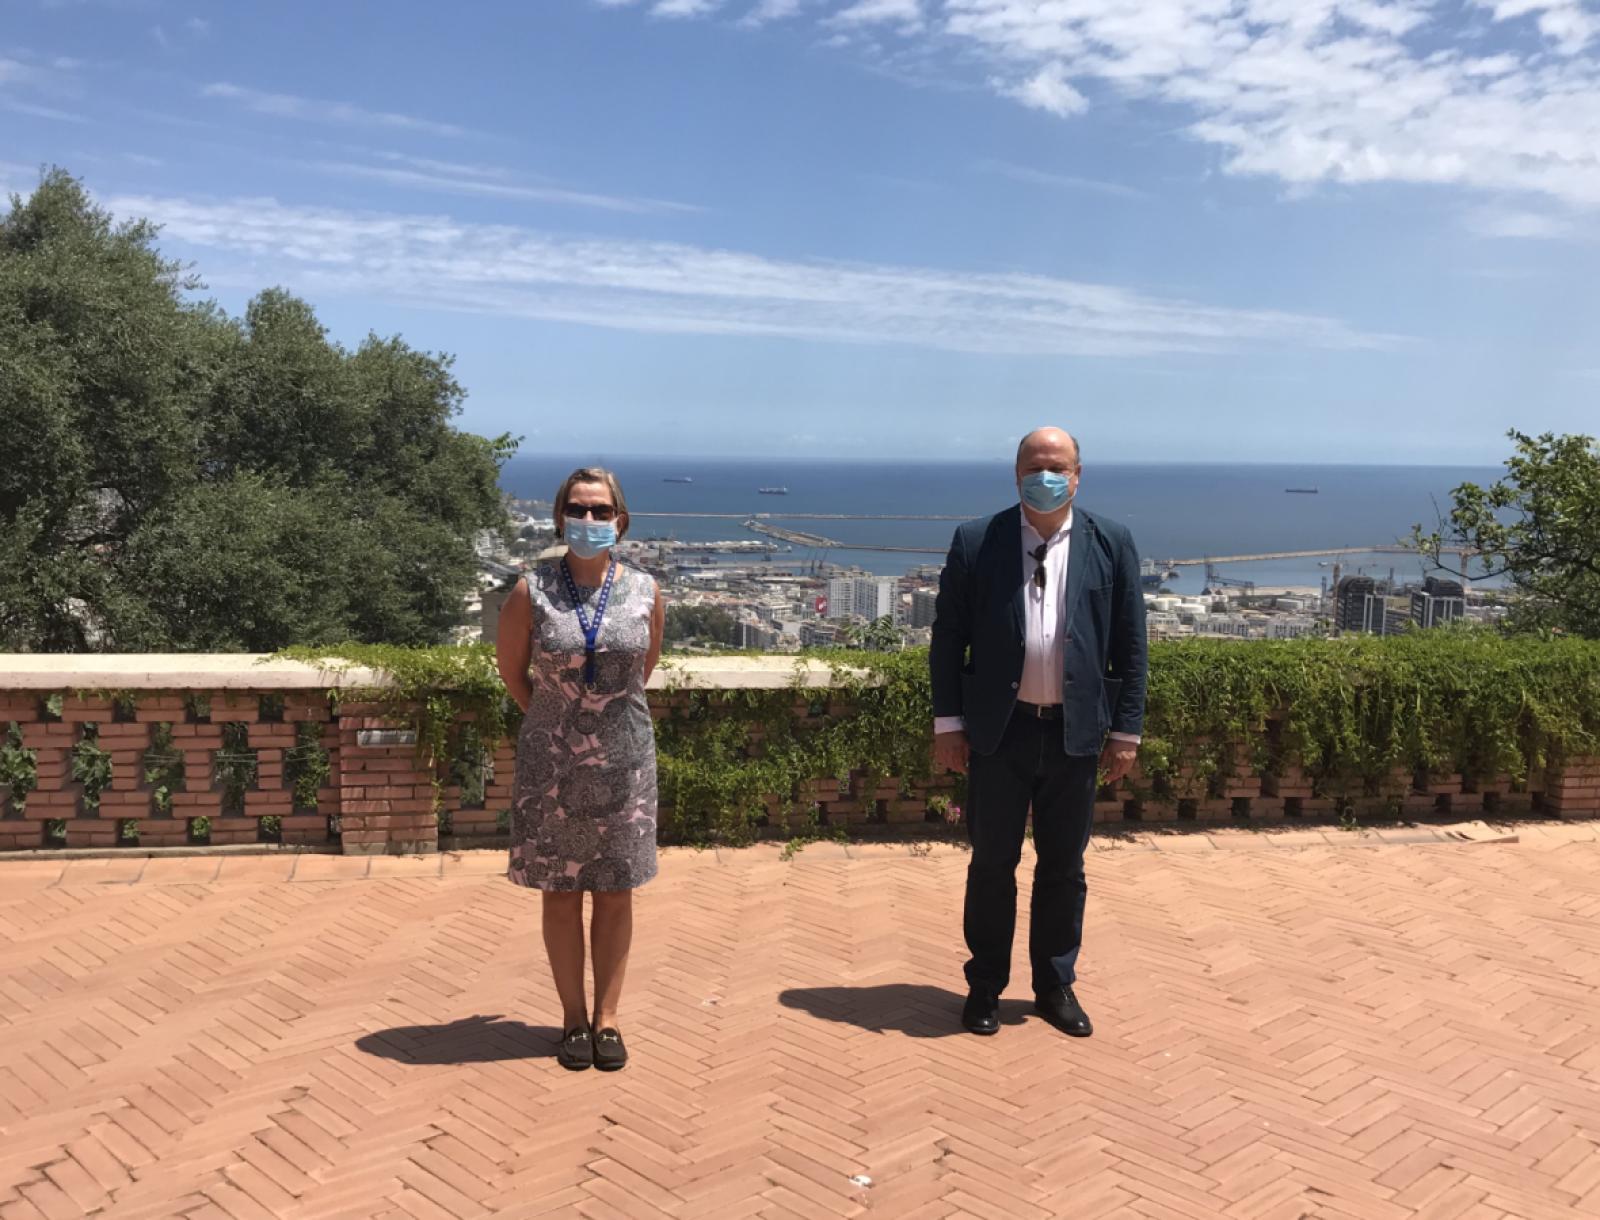 Ilosta sekaisin, kun saimme suurlähetystöön ensimmäisen vieraan tiukan eristyksen jälkeen. Kroatian kollega tuli käymään. Kuva: Seppo Tunturi.